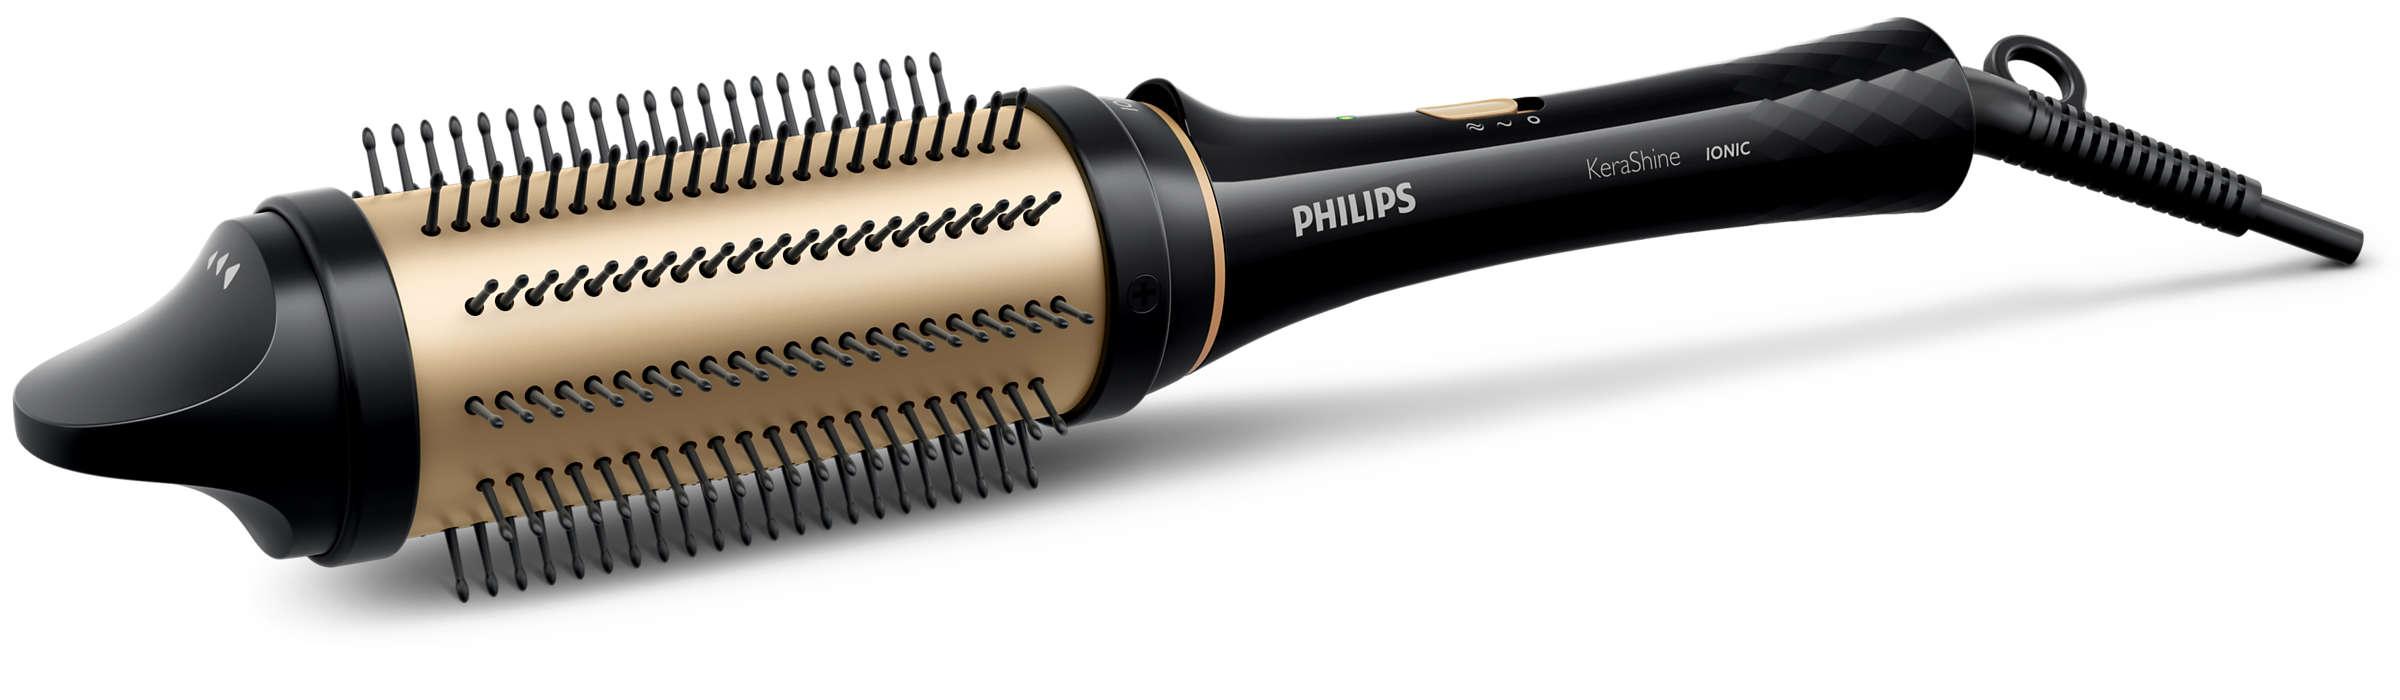 Coafează cu grijă, pentru bucle delicate şi volum